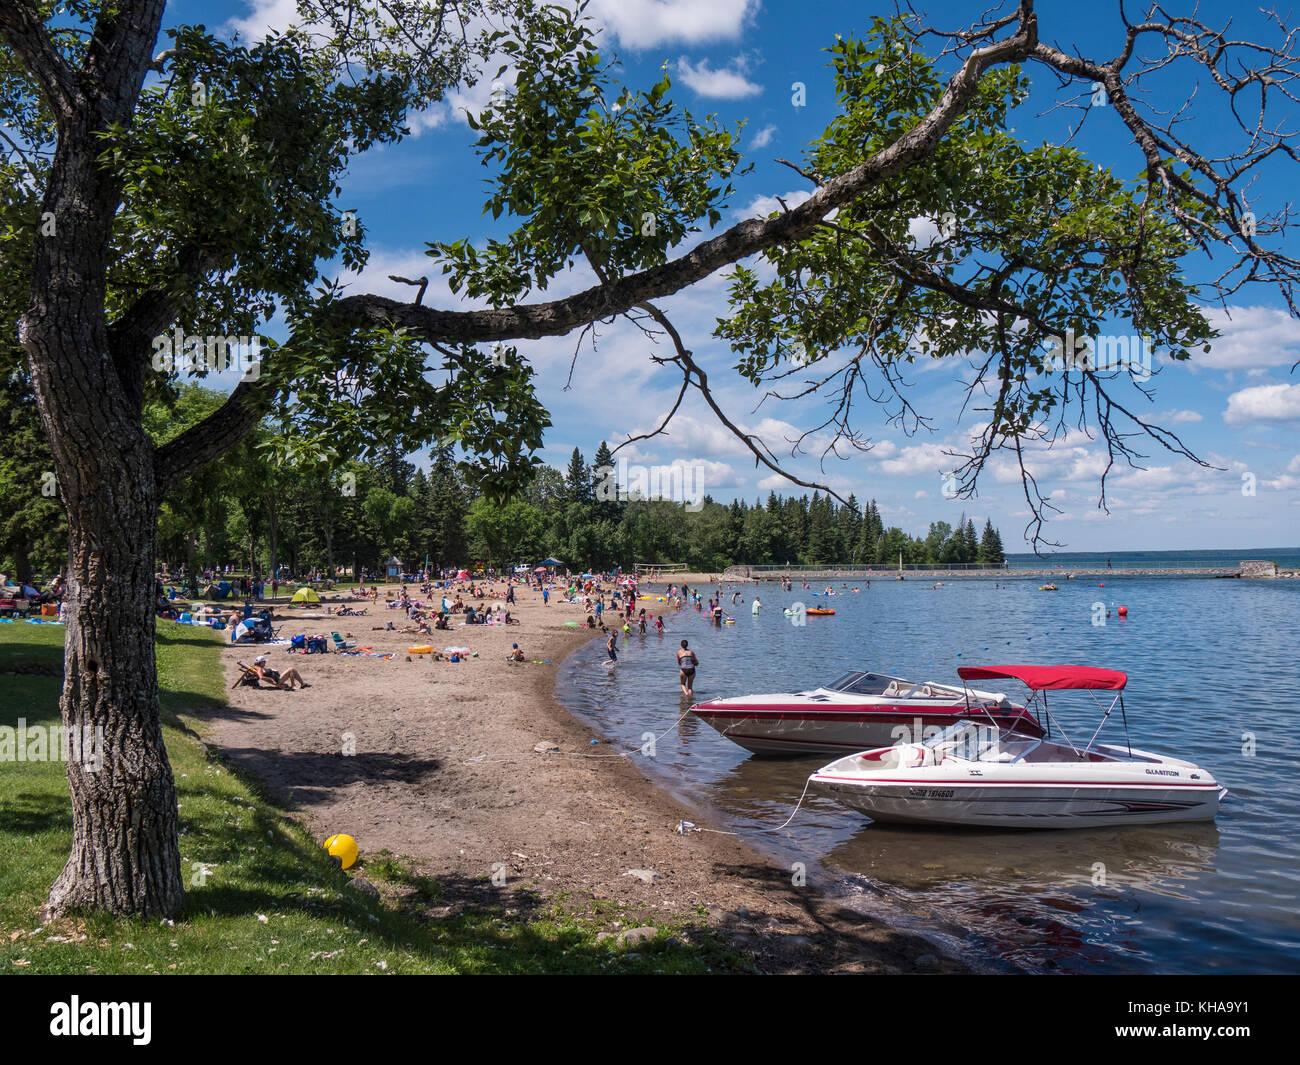 Main beach and mooring area at Wasagaming, Riding Mountain National Park, Manitoba, Canada. - Stock Image